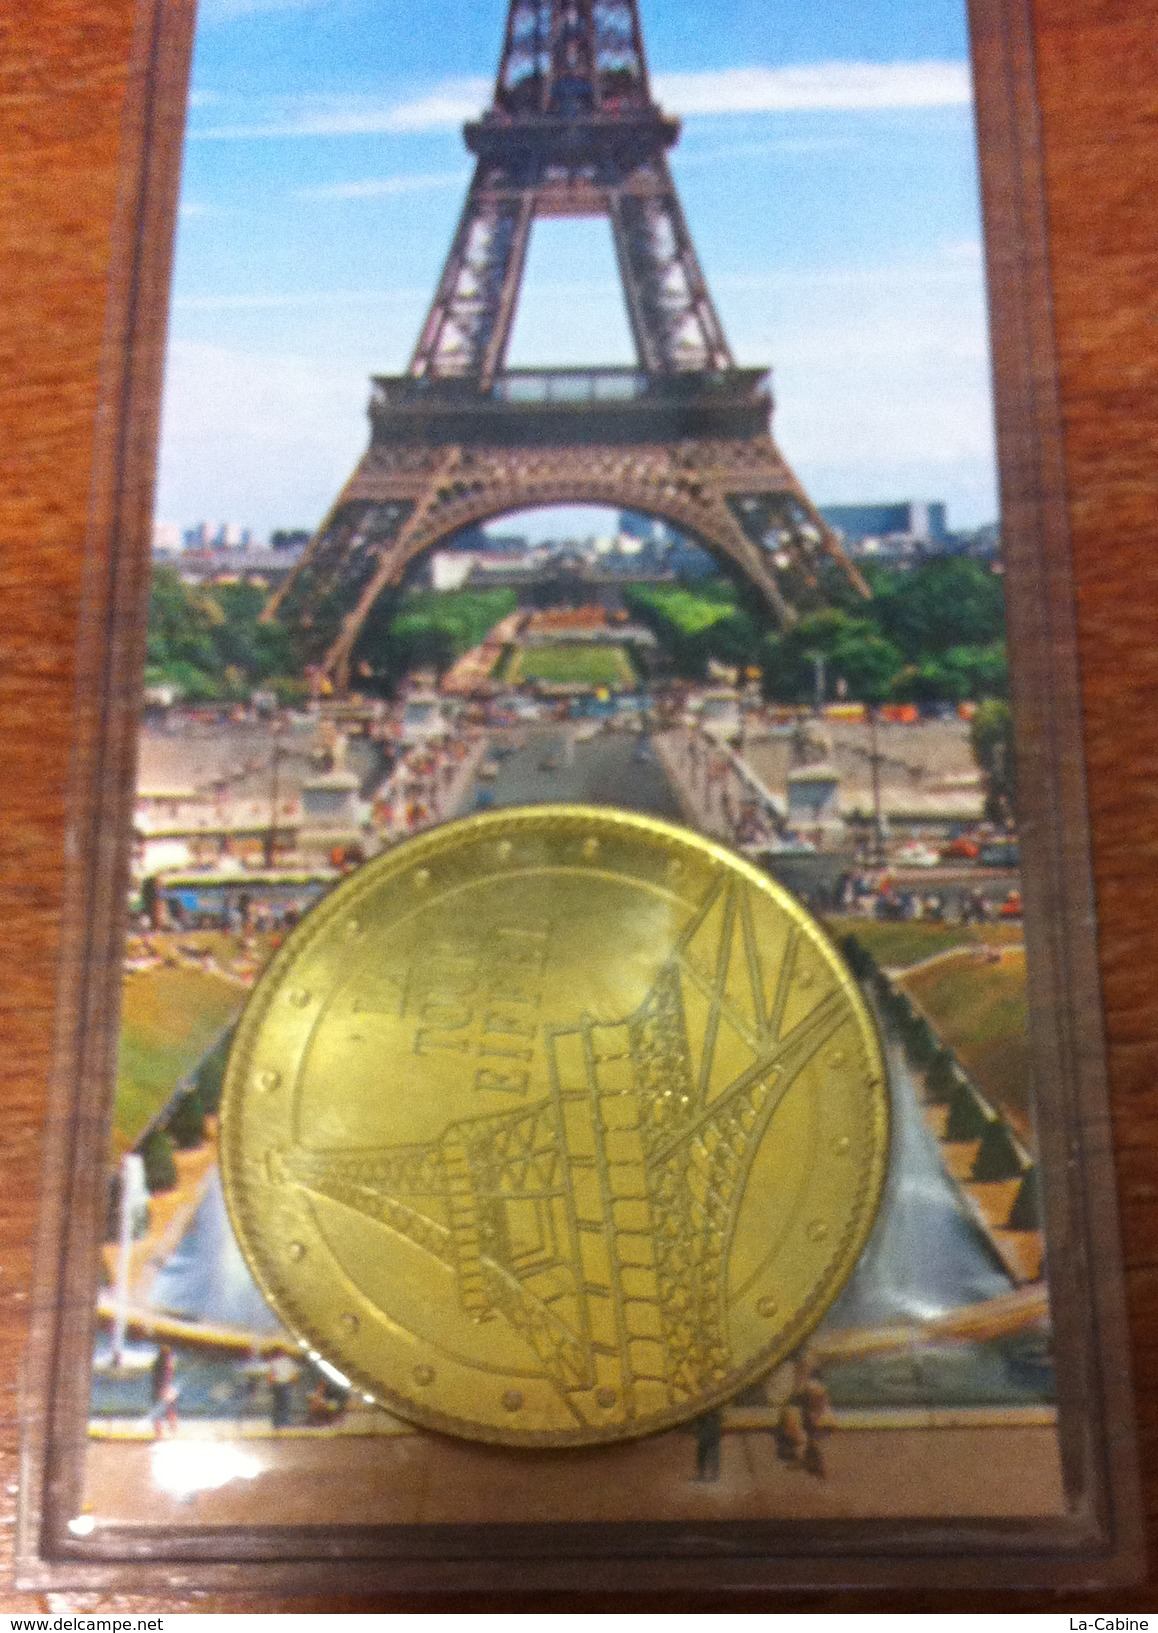 75001 PARIS LA TOUR EIFFEL N°3 MÉDAILLE ARTHUS BERTRAND 2008 AVEC MARQUE PAGE JETON MEDALS TOKEN COINS - Arthus Bertrand